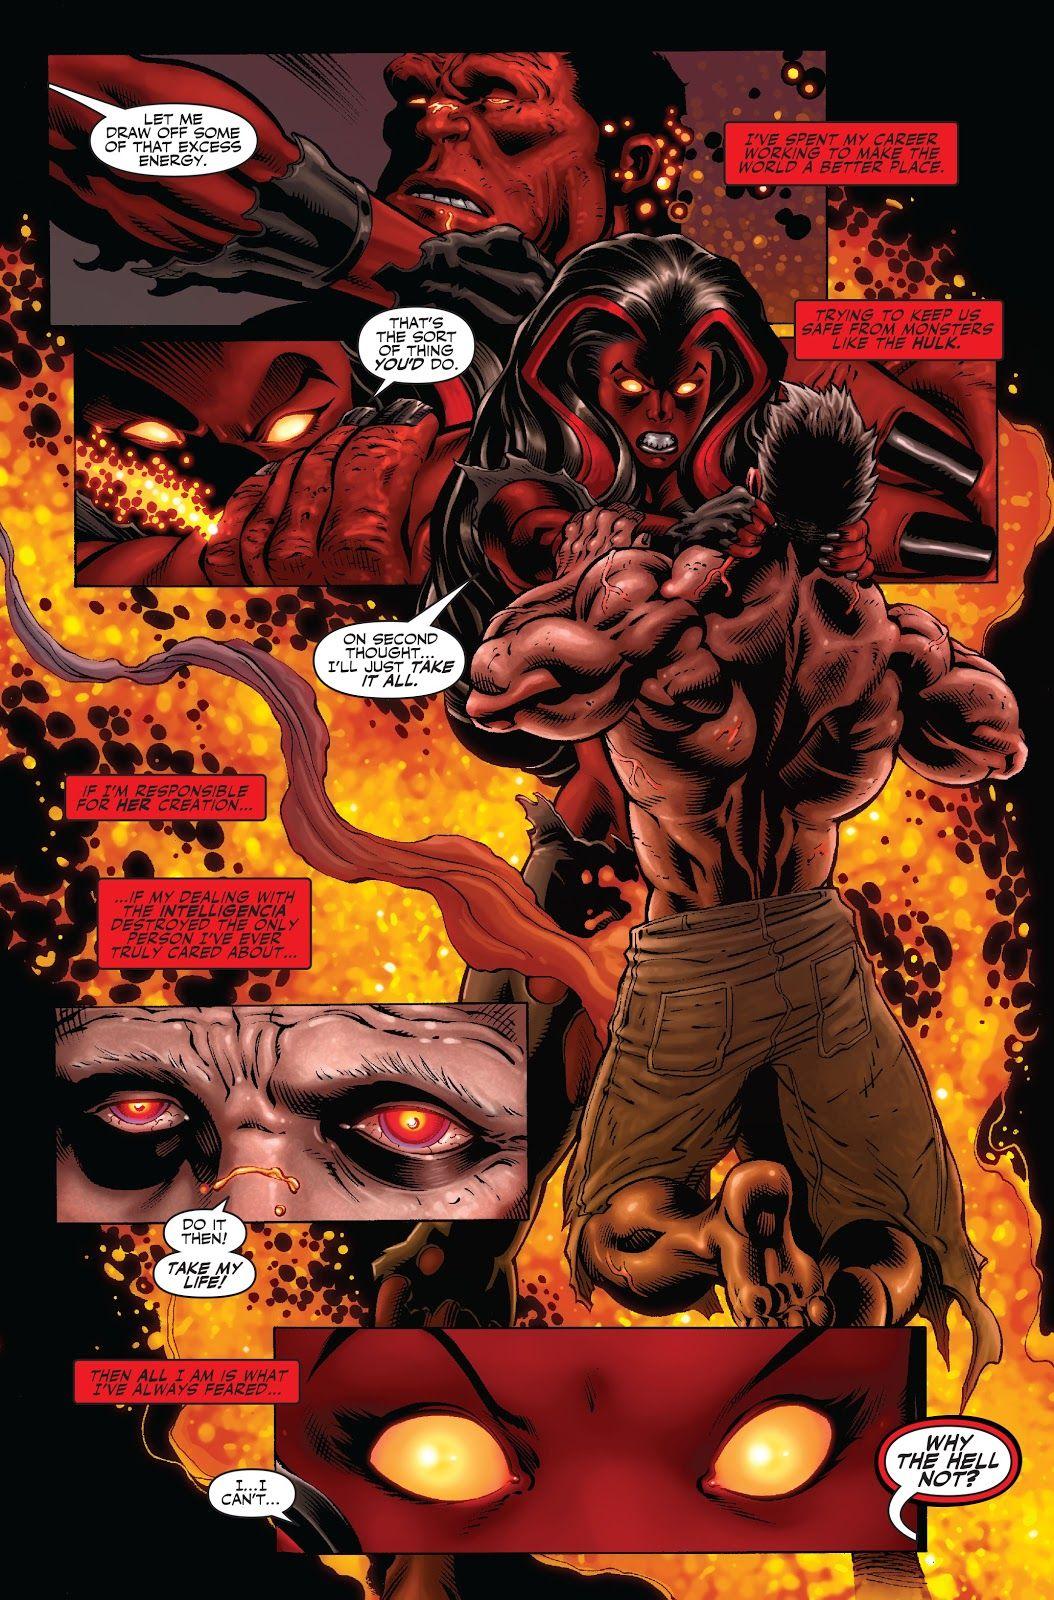 Olhando para trás: A identidade do Hulk Vermelho é finalmente revelada 5